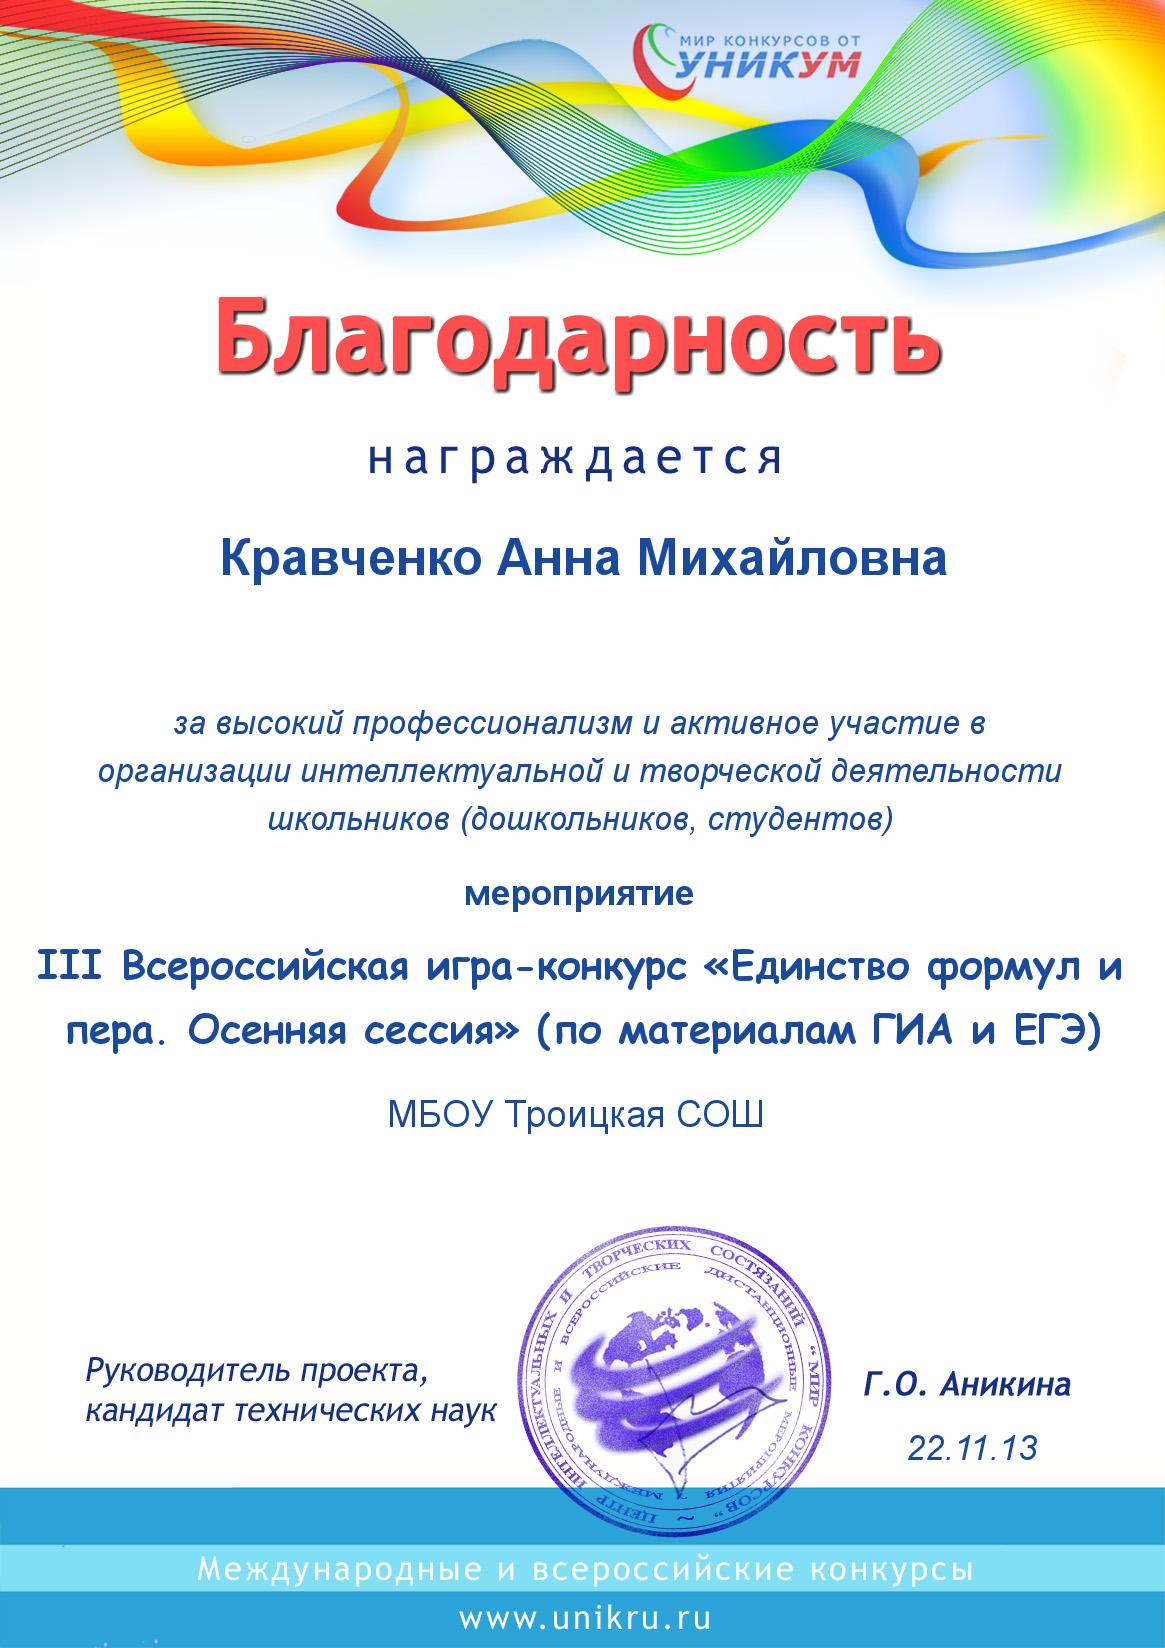 олимпус по математике 5 класс осенняя сессия 2014 бланк